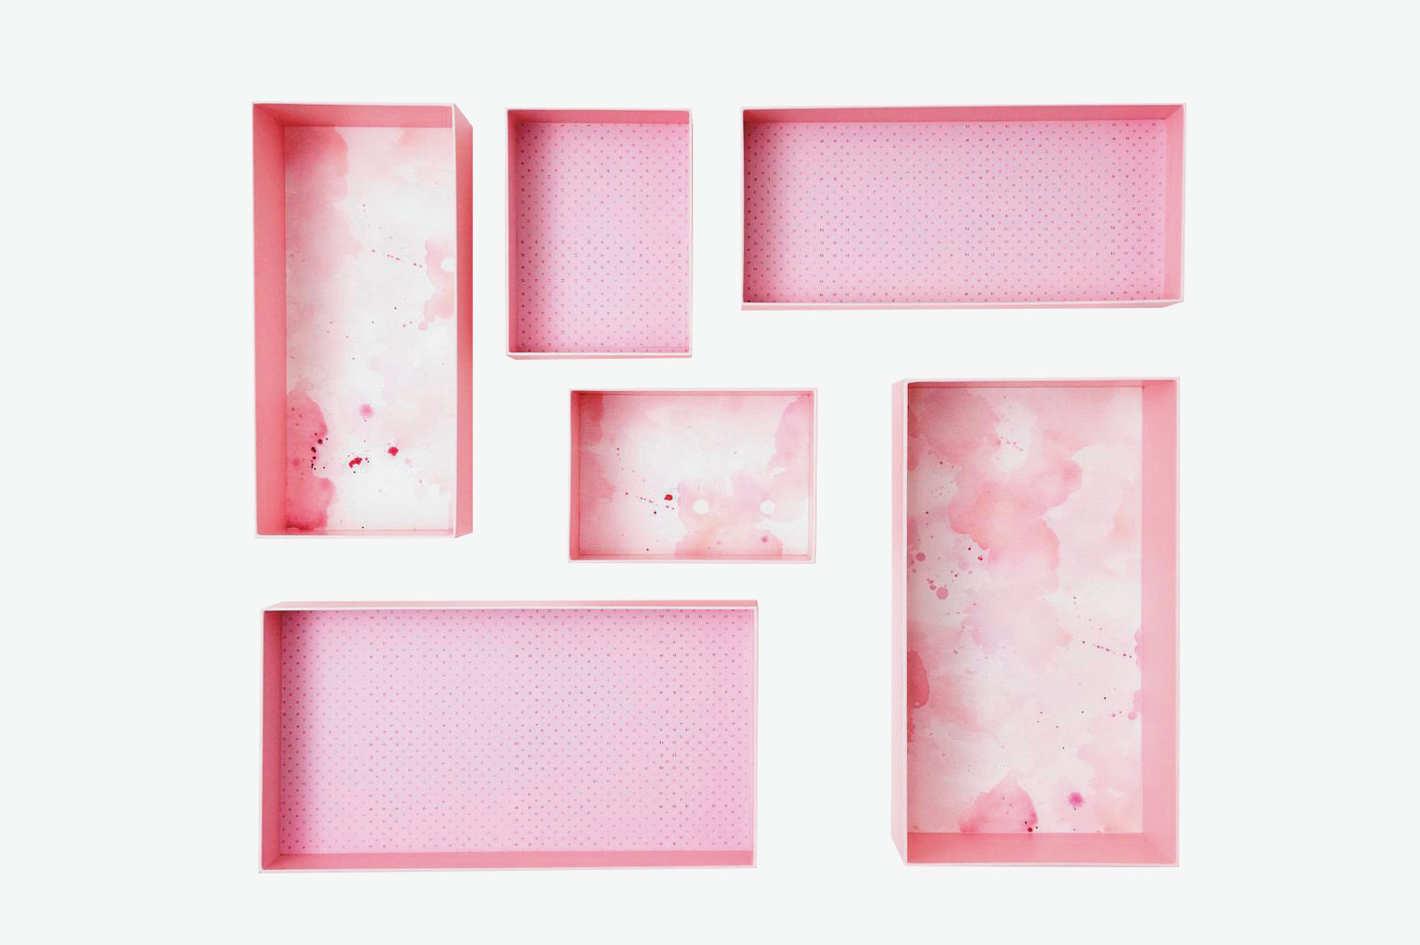 Marie Kondo Boxes